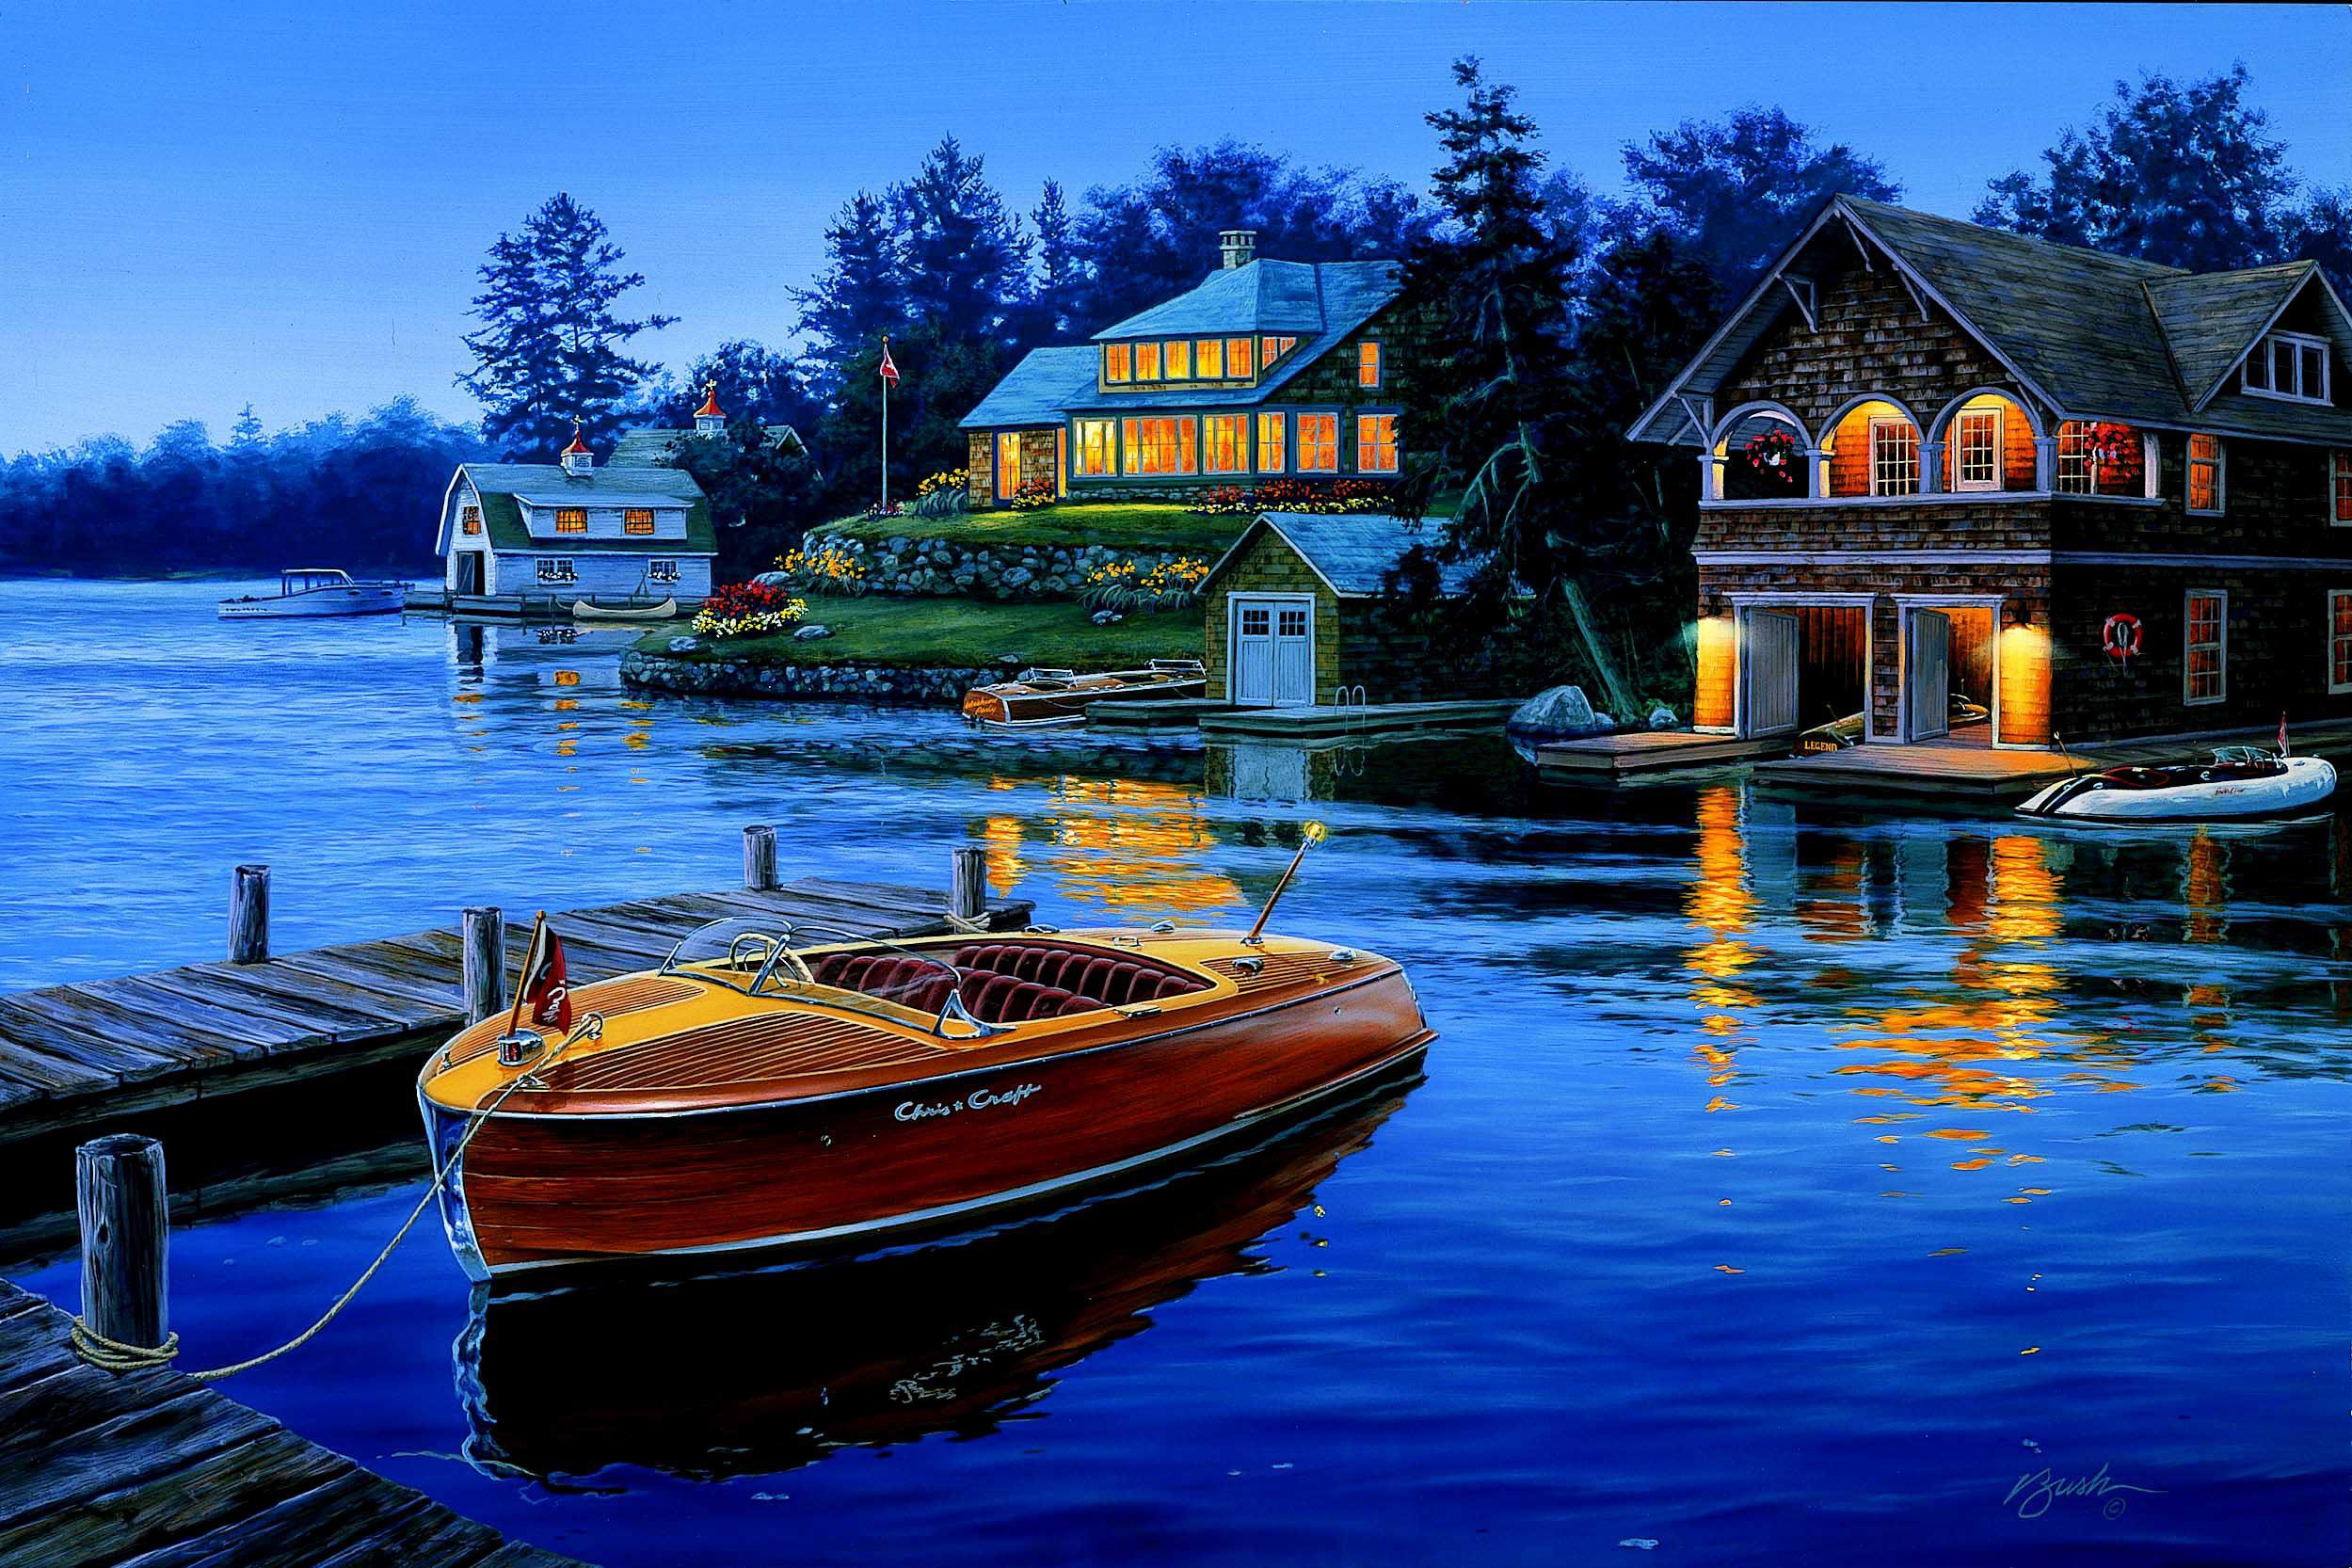 судьба словно лодка